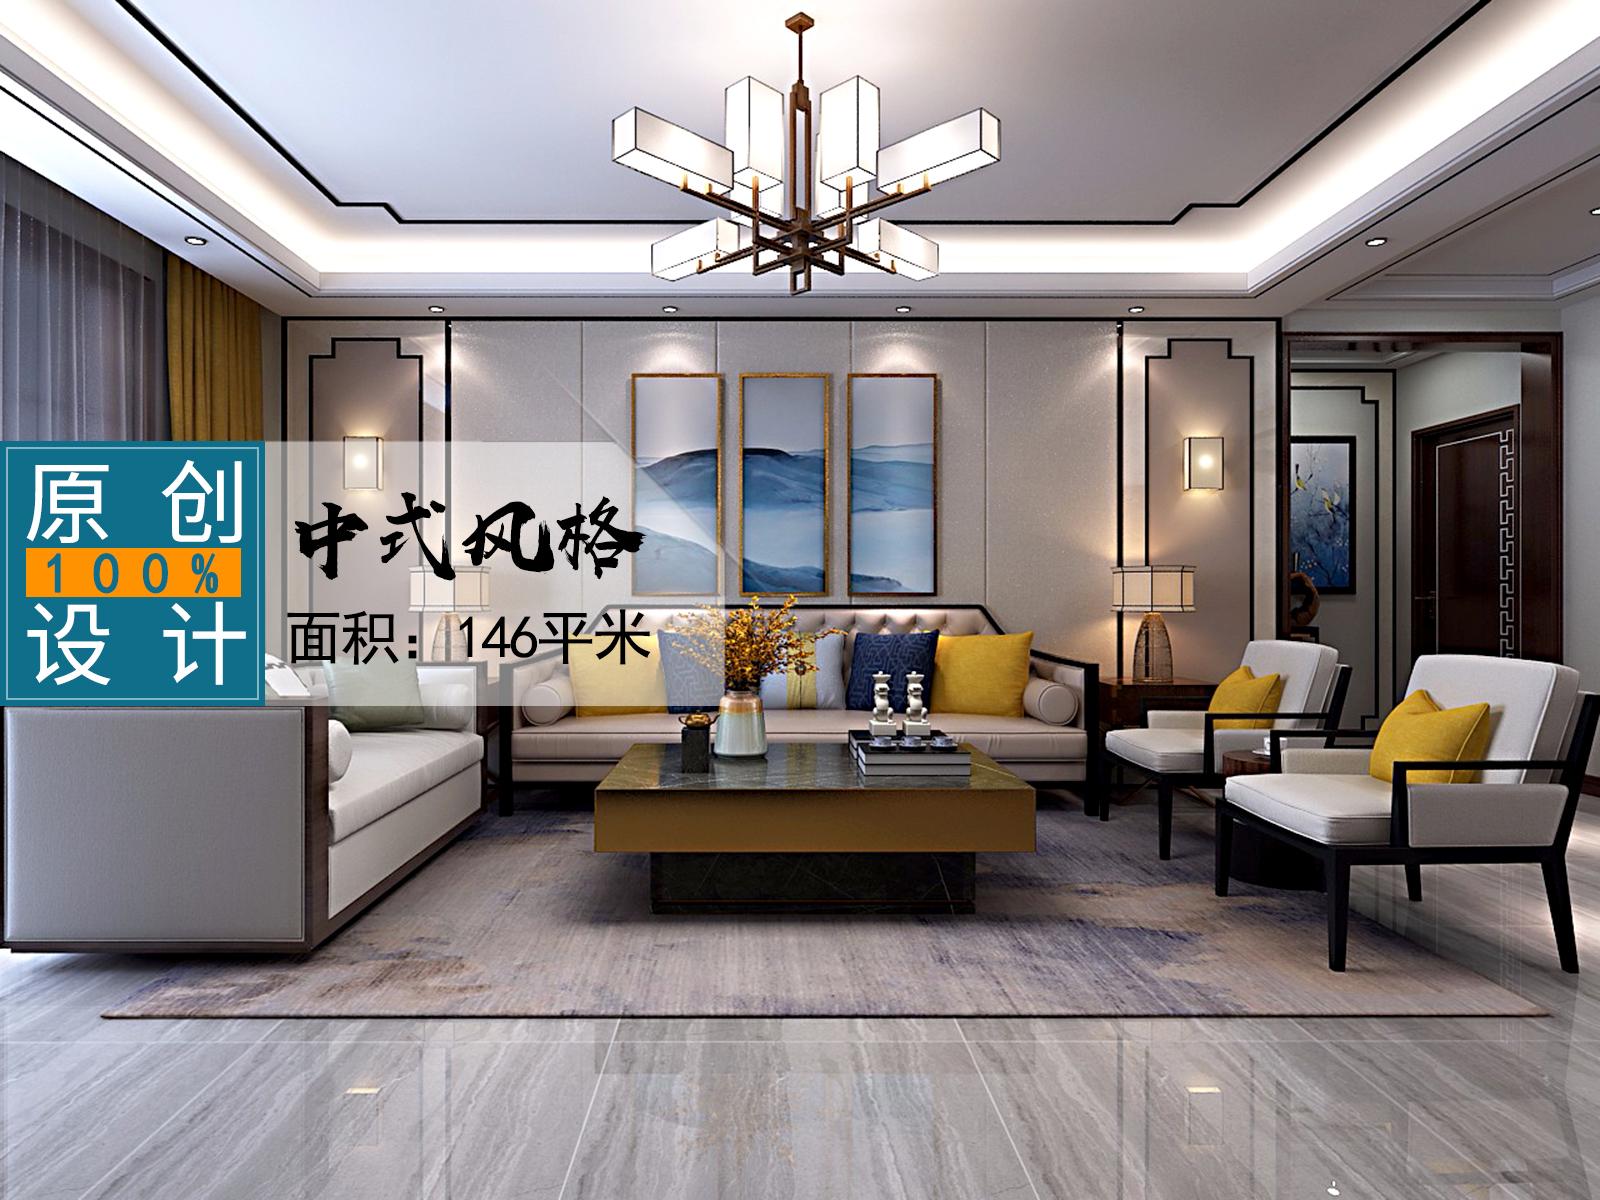 146㎡北岸中心三室两厅中式风格装修效果图